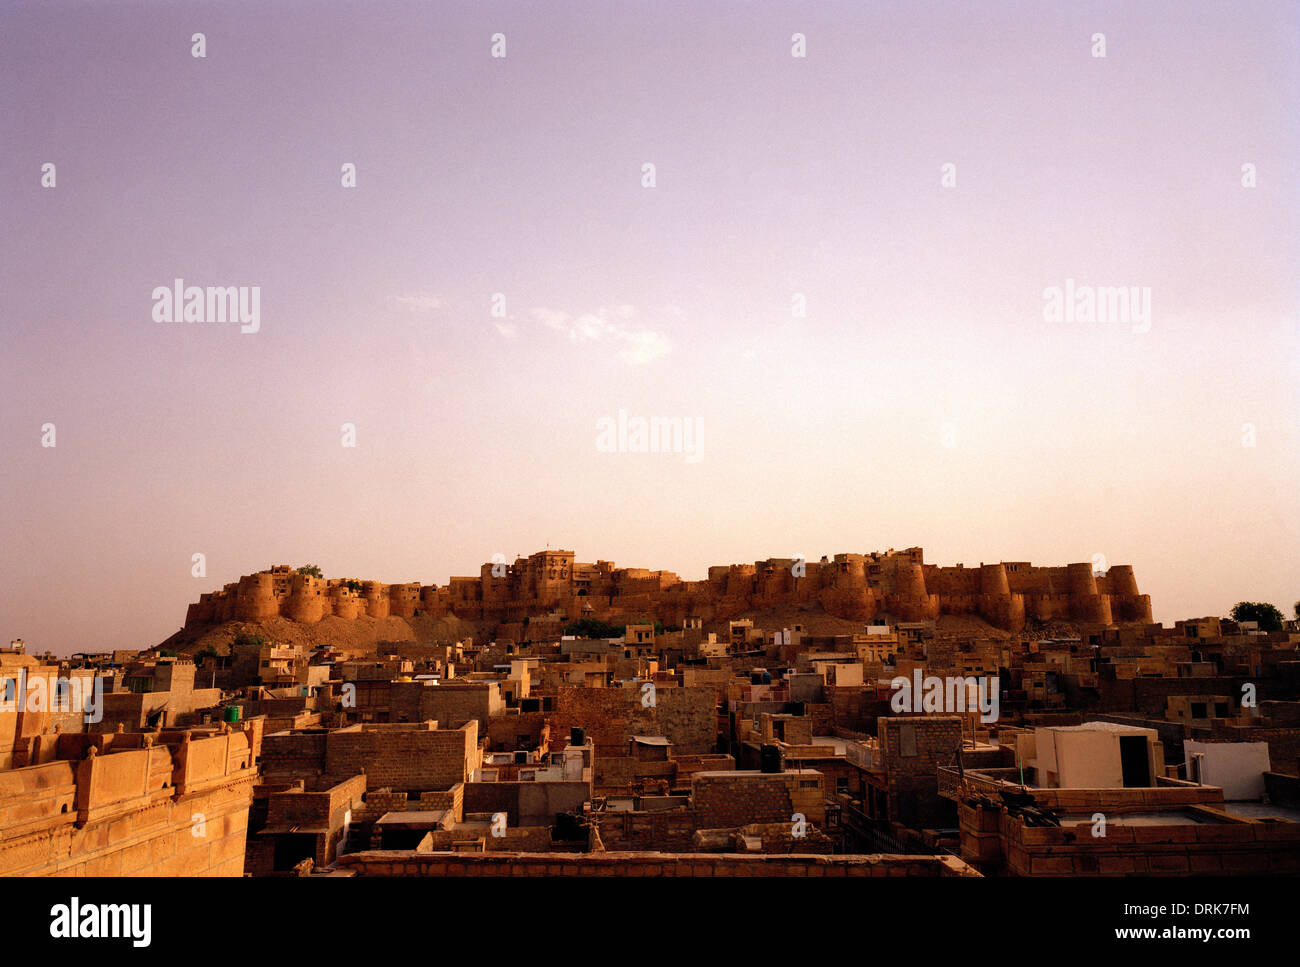 Vistas de Ciudad del Desierto de Jaisalmer y el fuerte en Rajasthan en la India en el sur de Asia. Paisaje panorámico Foto de stock